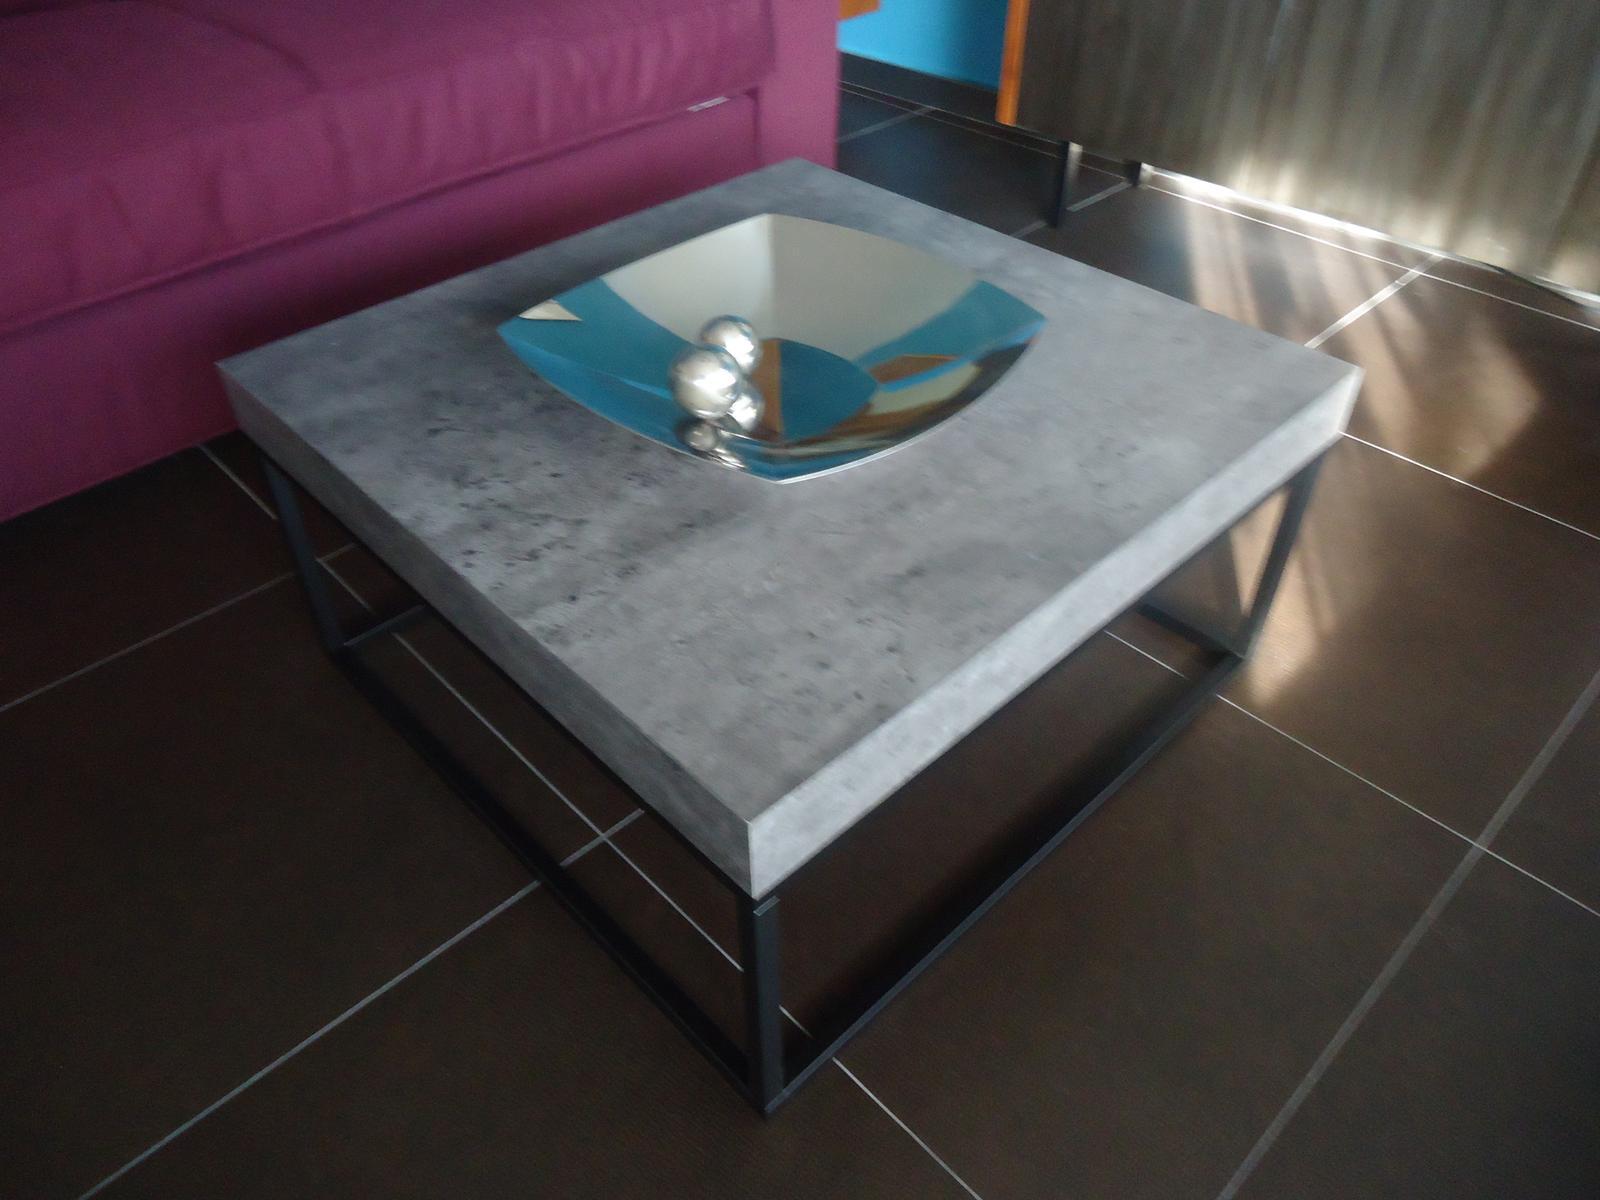 Konferenčný stolík v dekore betónu TemaHome  - Obrázok č. 1